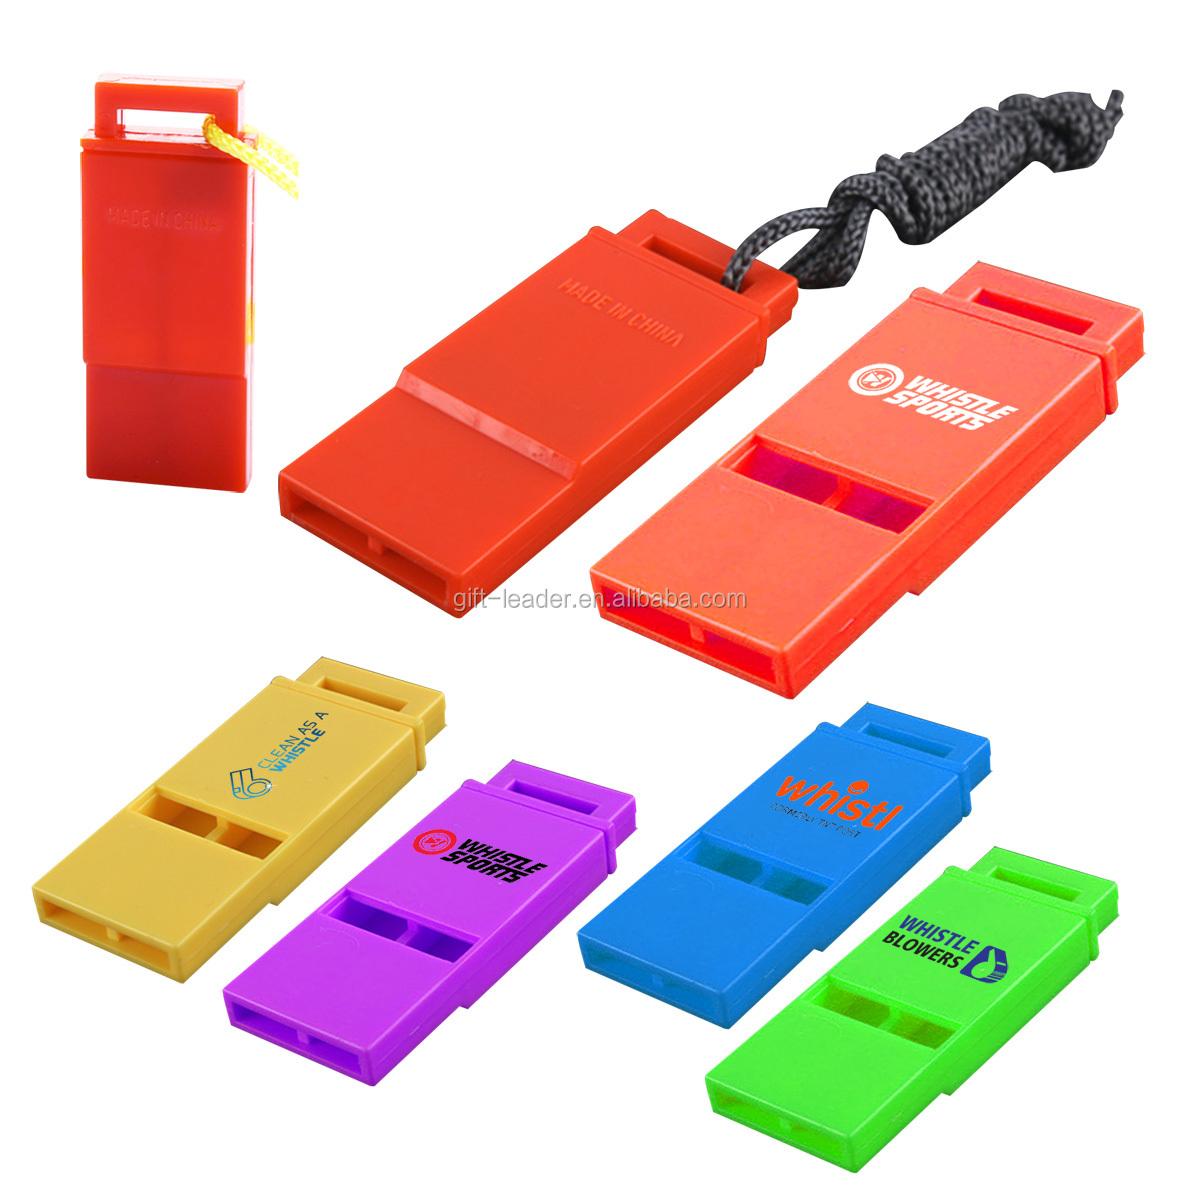 Mode funktion tragbare tasche nette beste preis smart neue stadion gym spiel kunststoff led rot licht keychain kompass sport pfeife